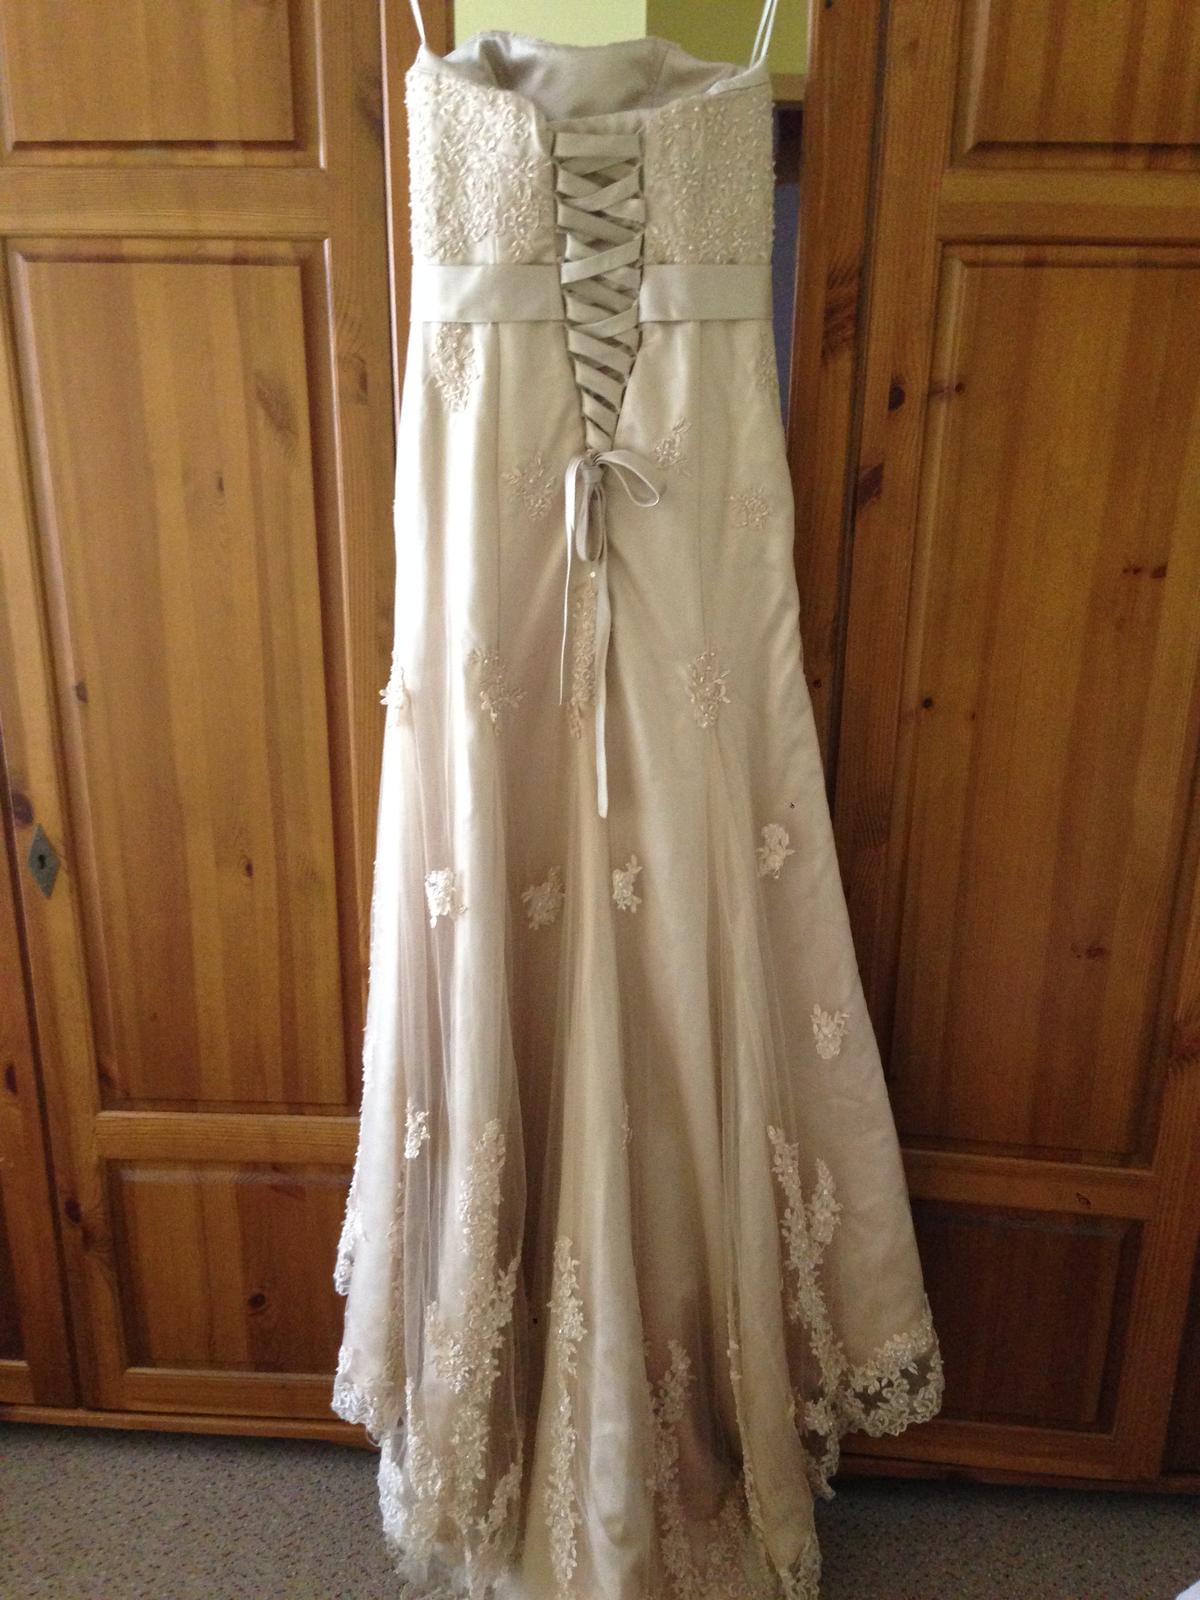 Netradiční svatební šaty - Obrázek č. 2